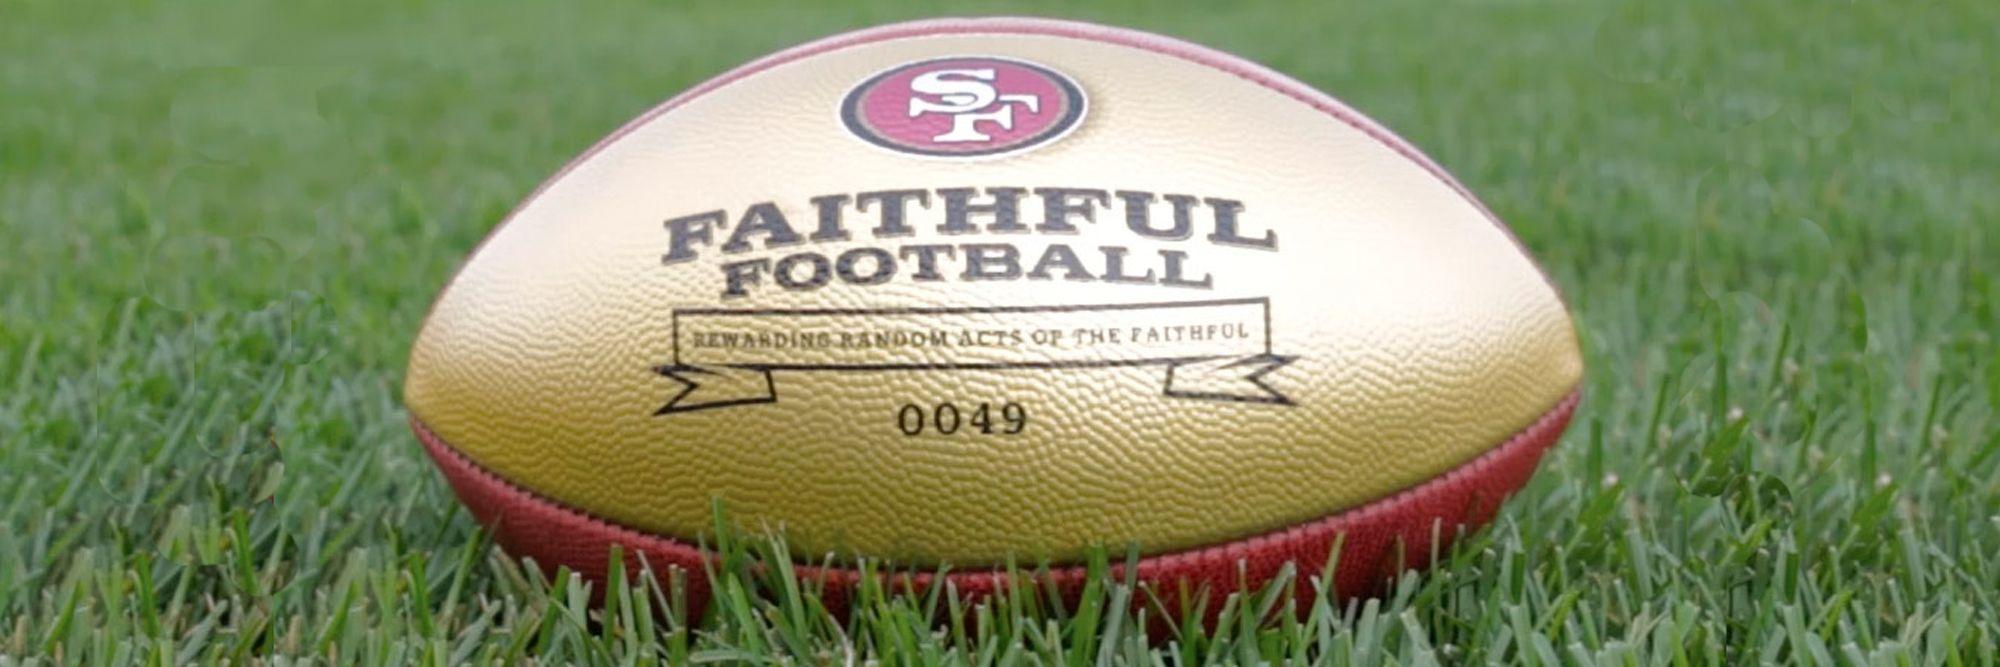 091418-Faithful-Football-Banner